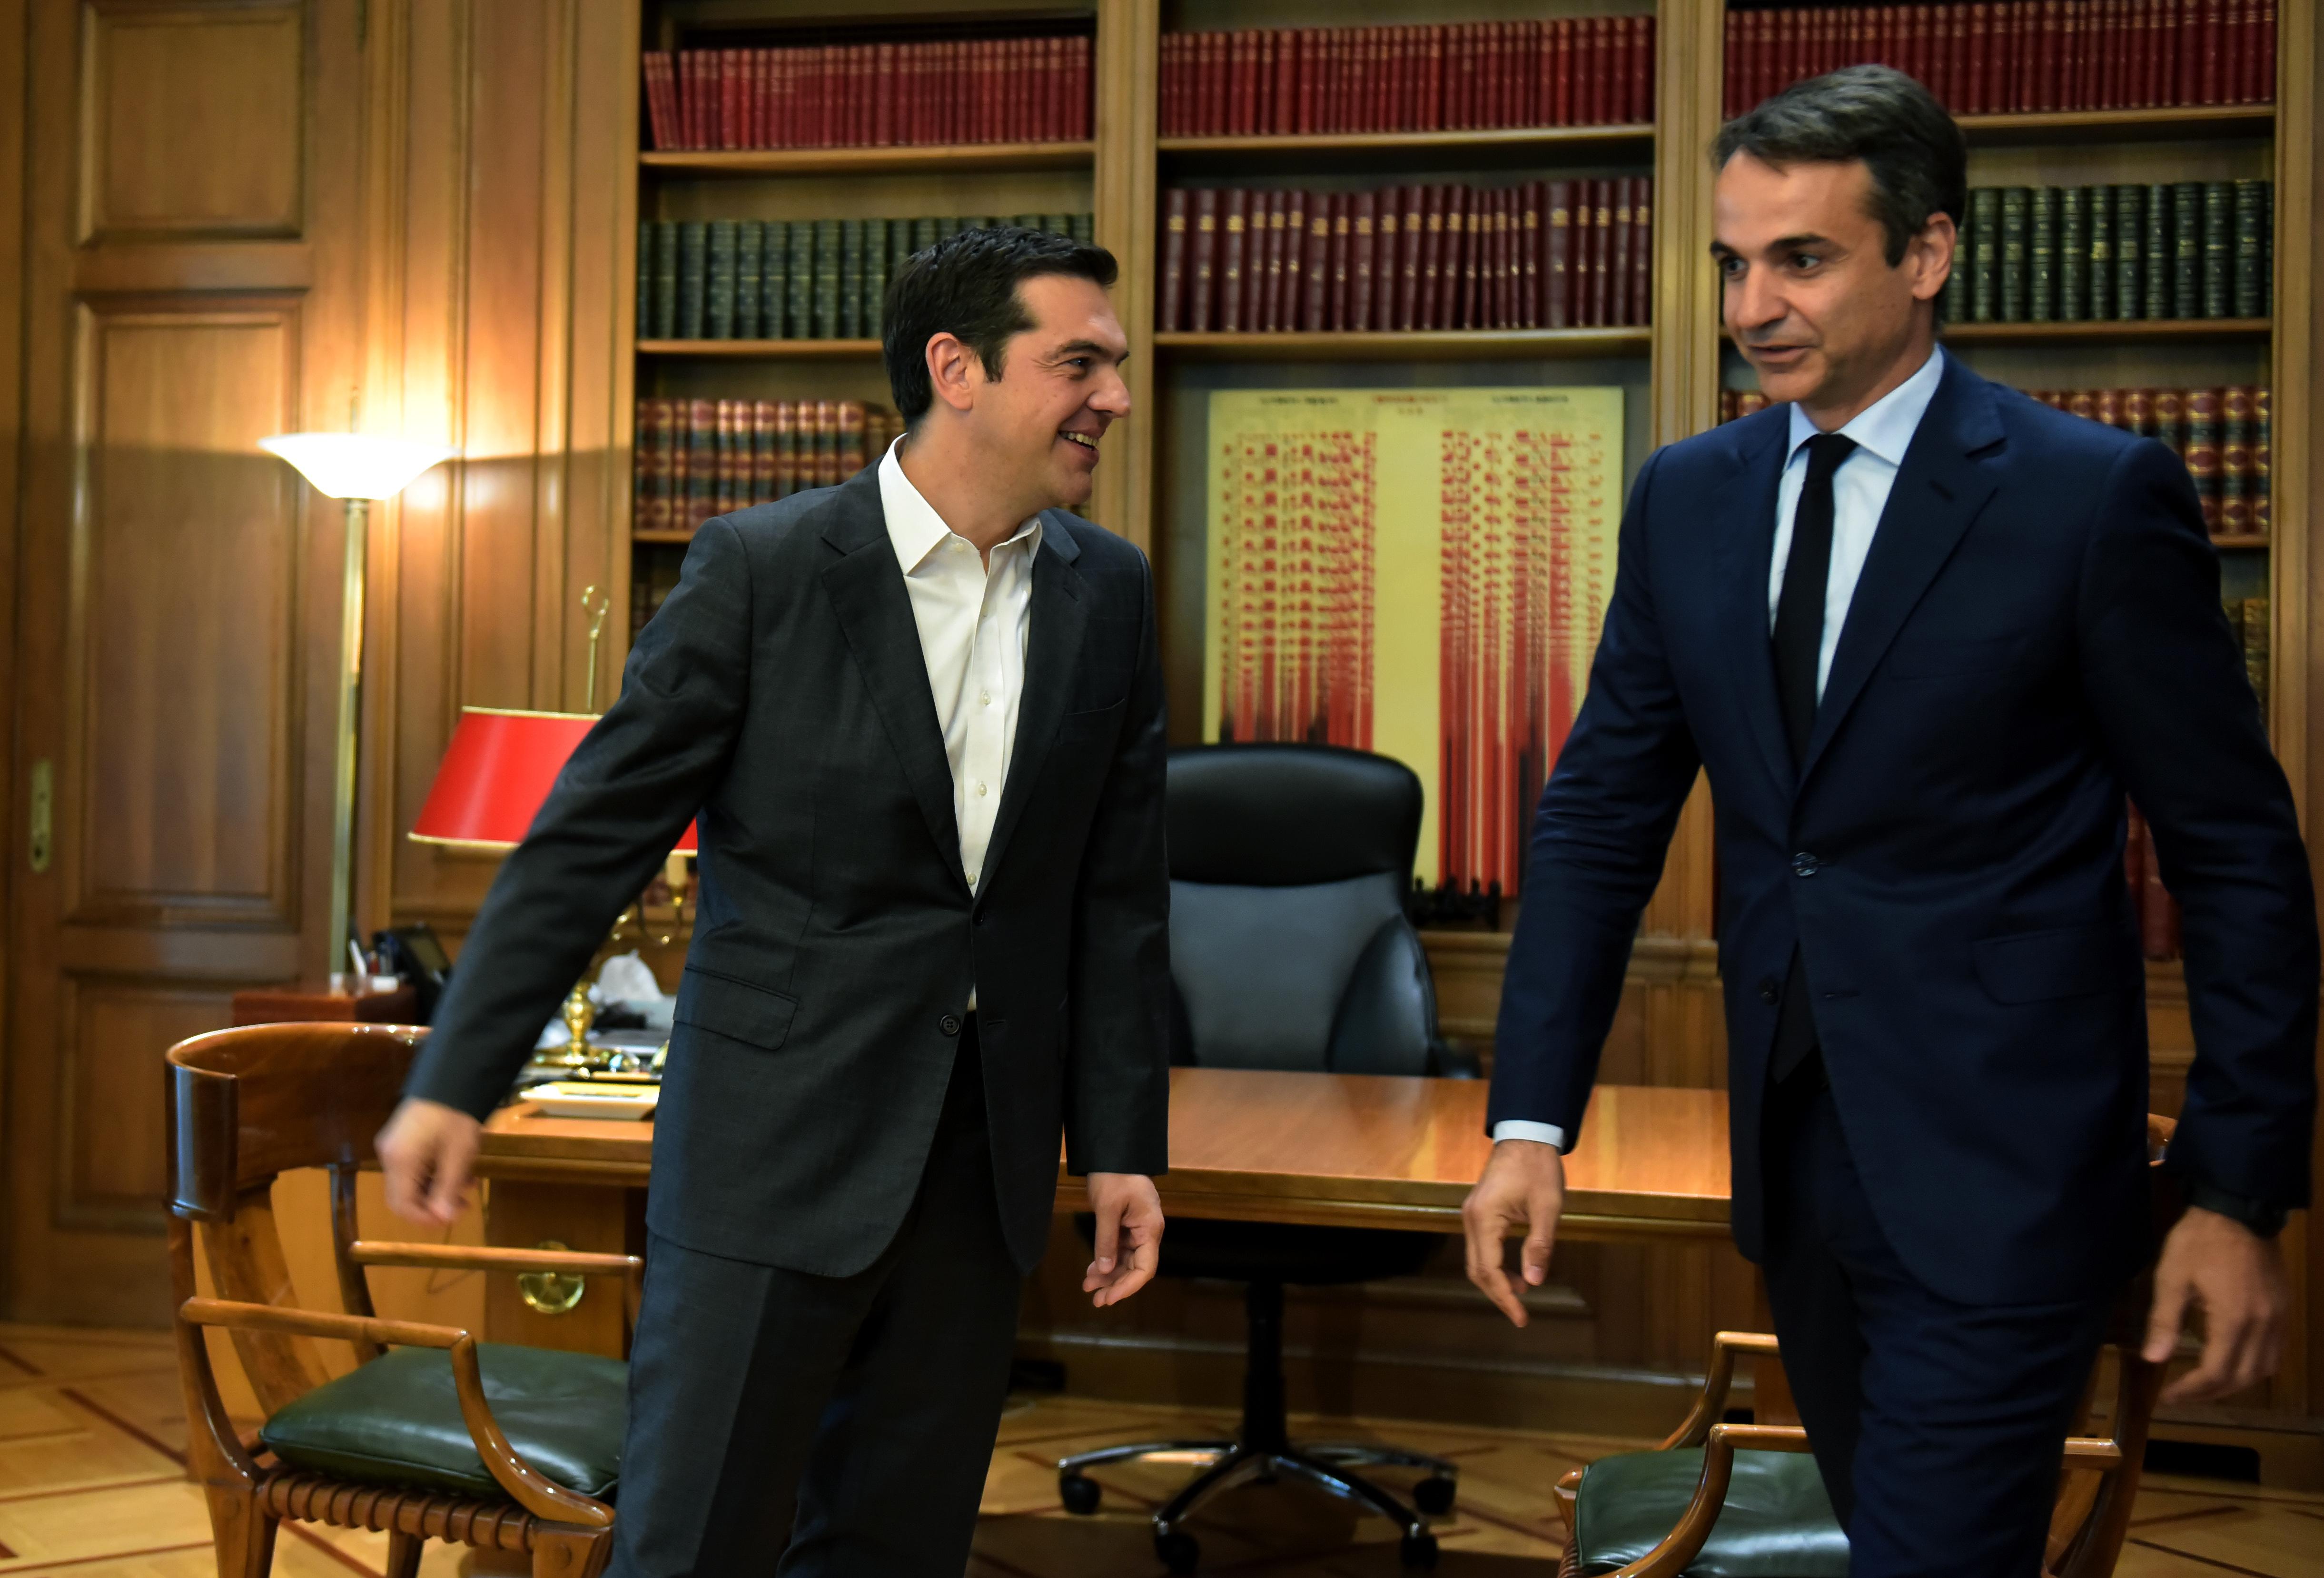 pyr-omadon-tis-antipoliteysis-sto-prosklitirio-tsipra2